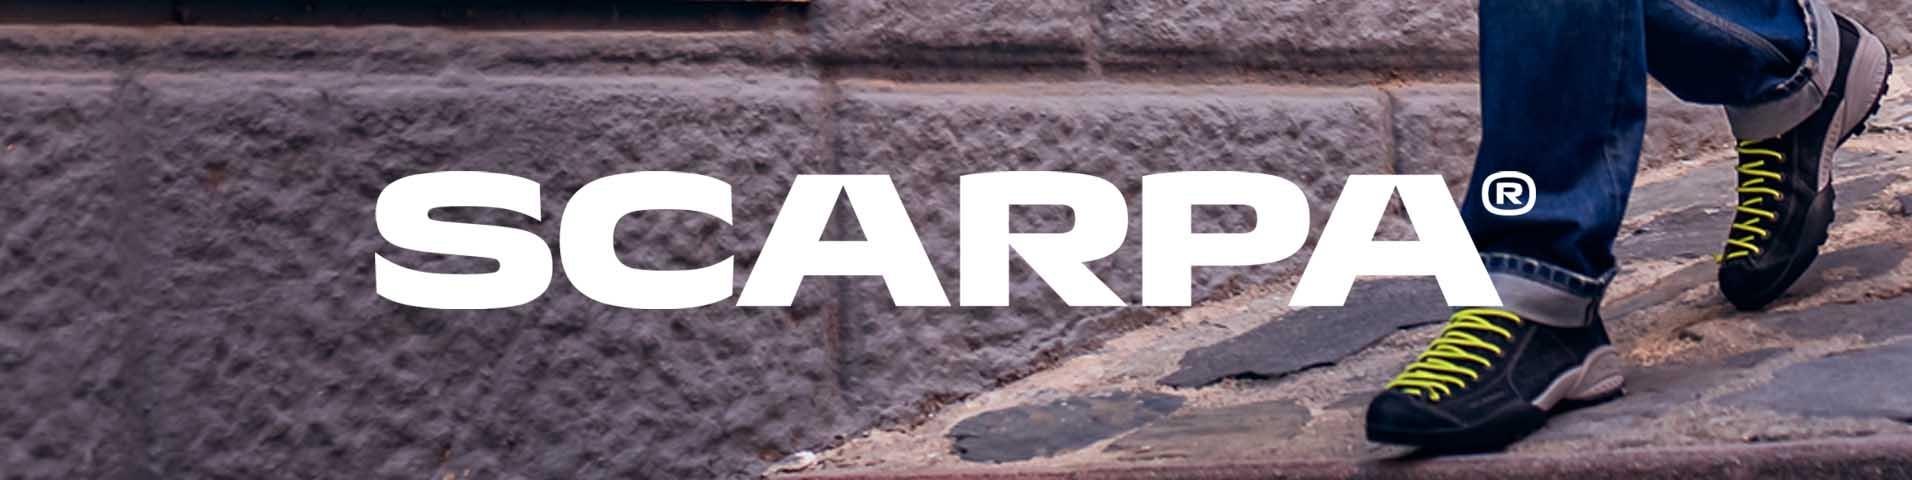 Scarpe sportive da uomo Scarpa   Disponibili su Zalando